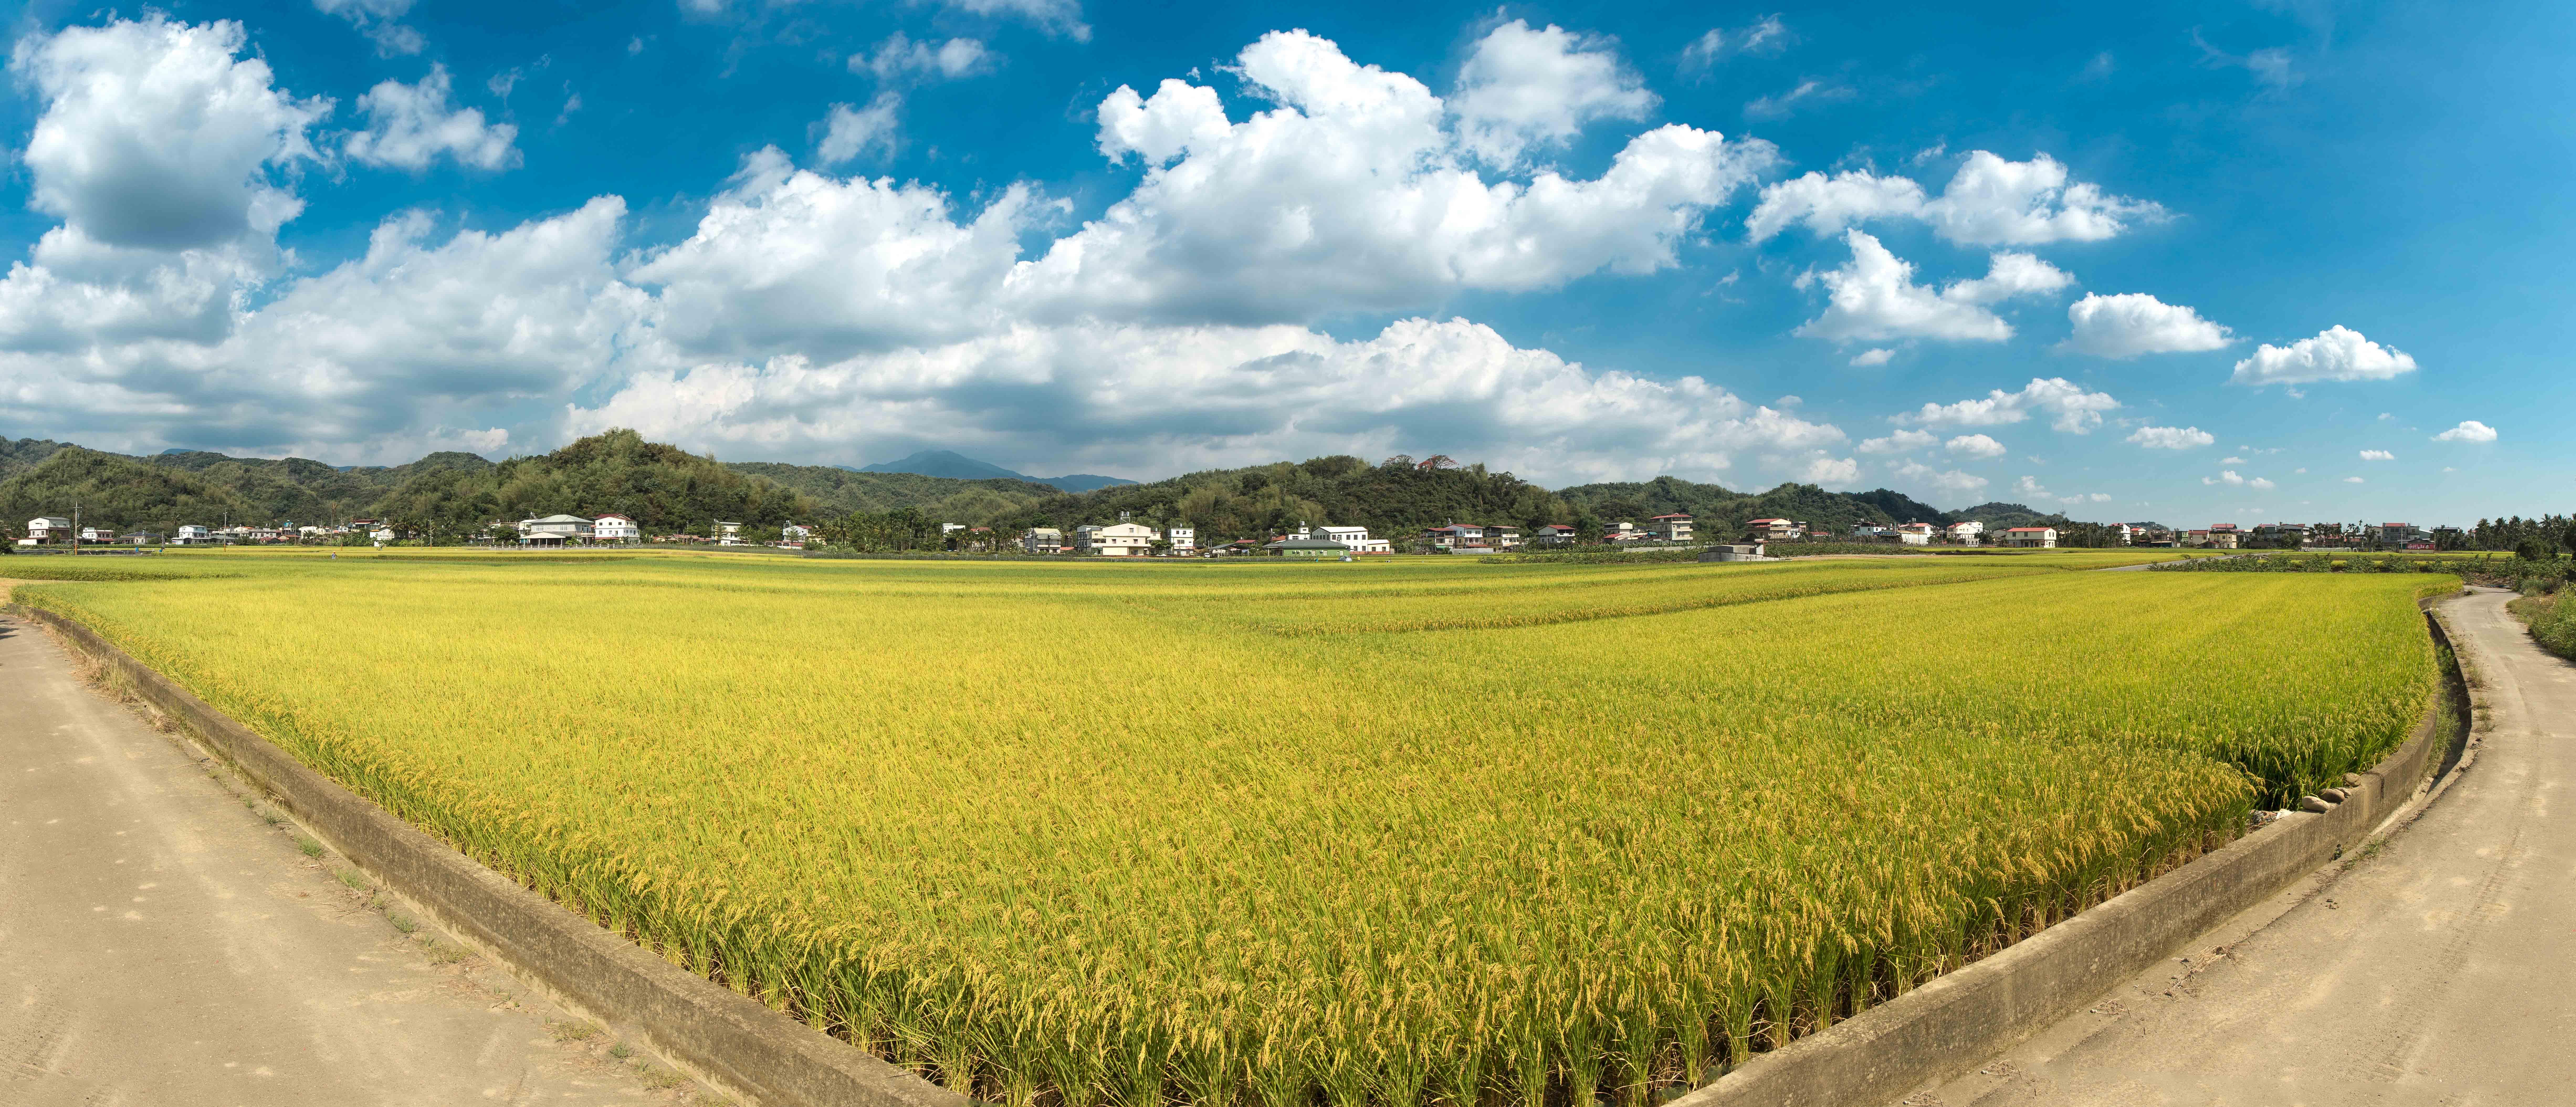 稻田-1.jpg